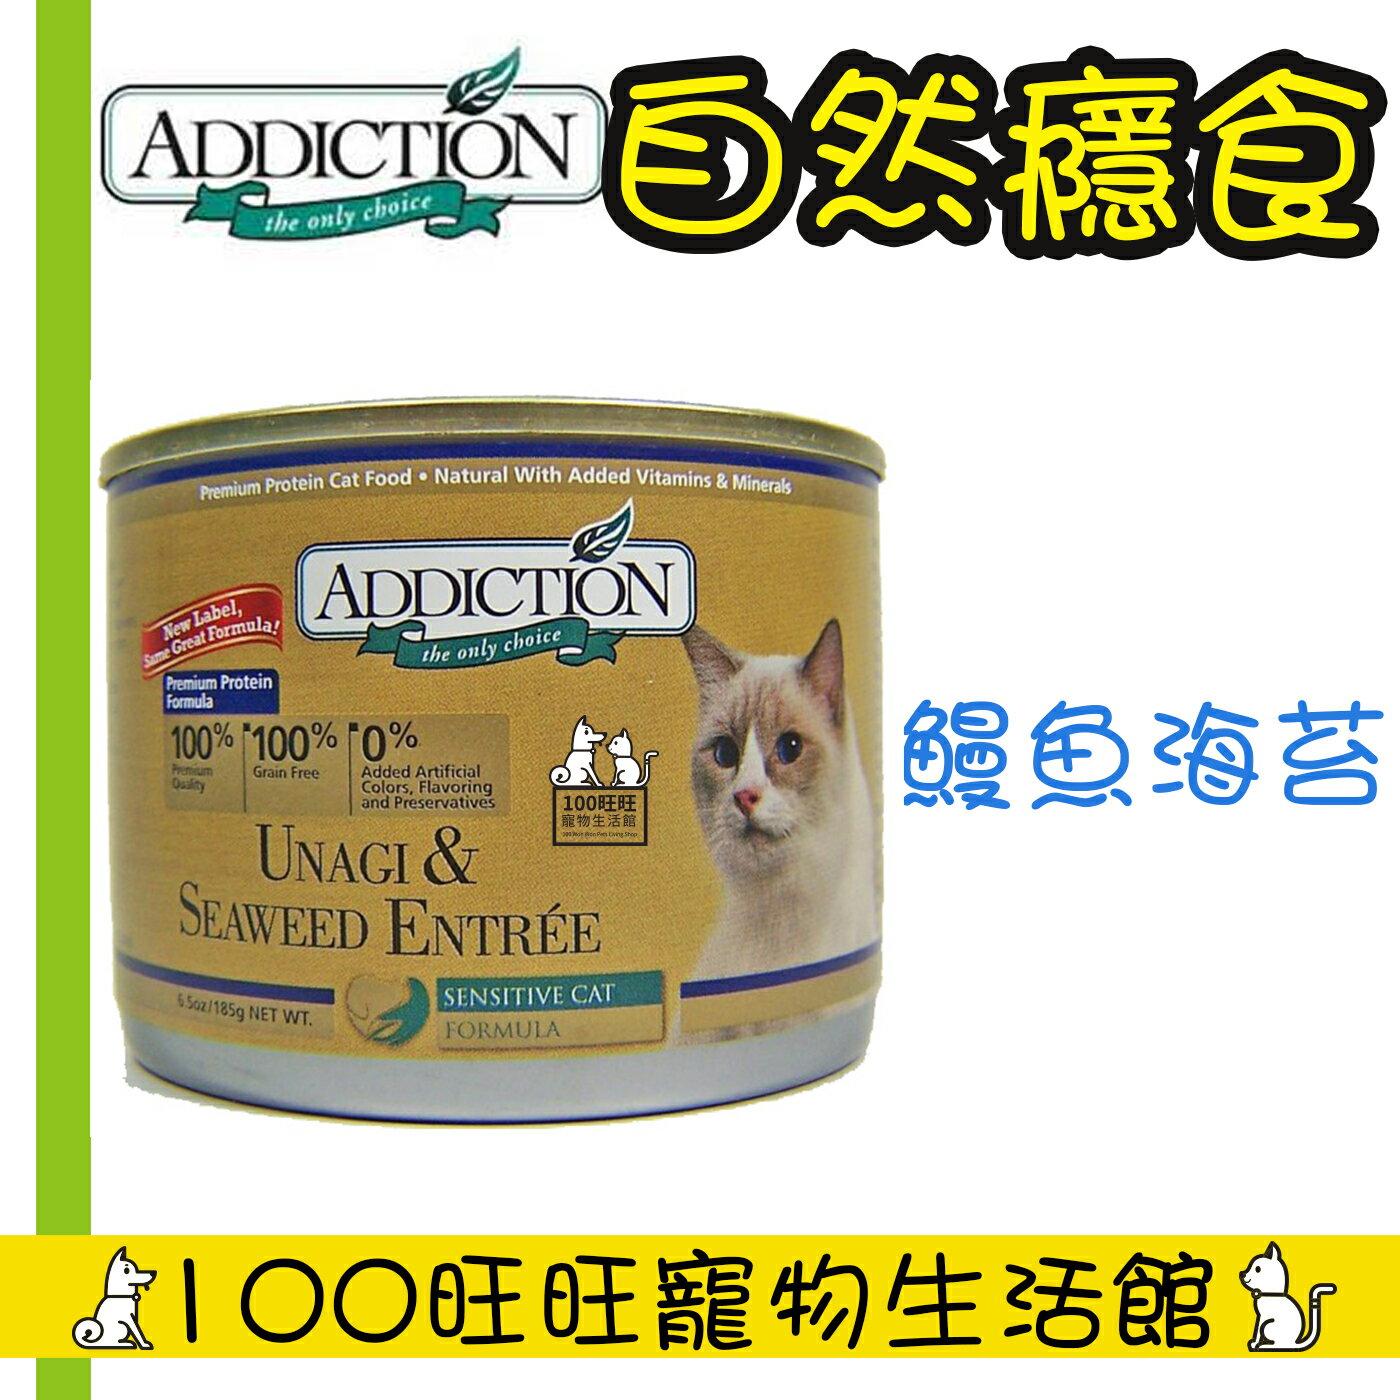 Addiction自然癮食 ADD貓主食罐 185g 單罐